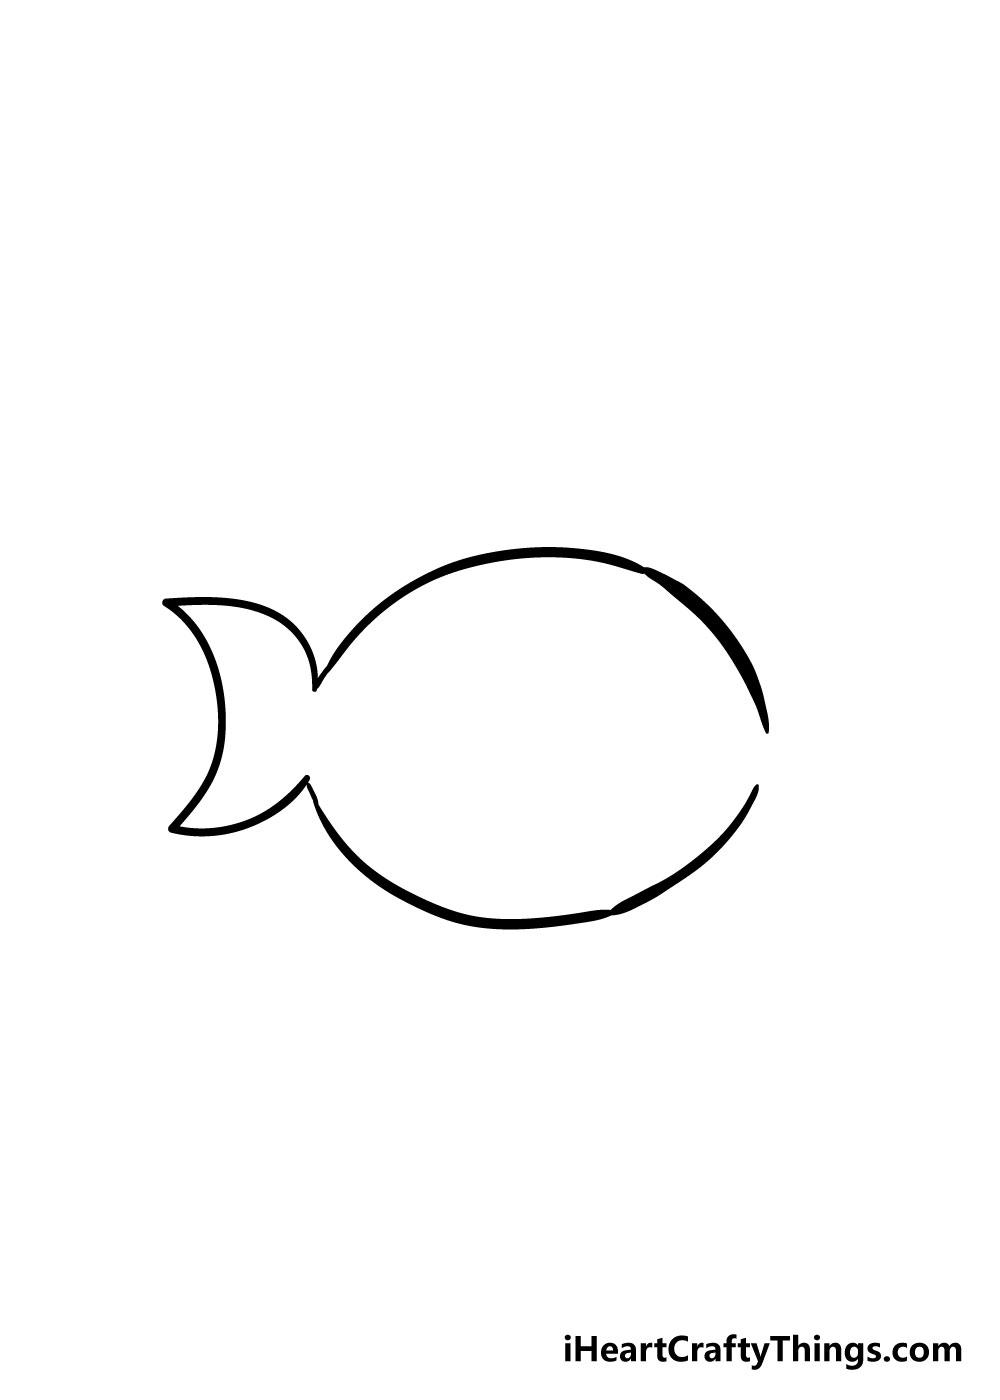 fish drawing step 2